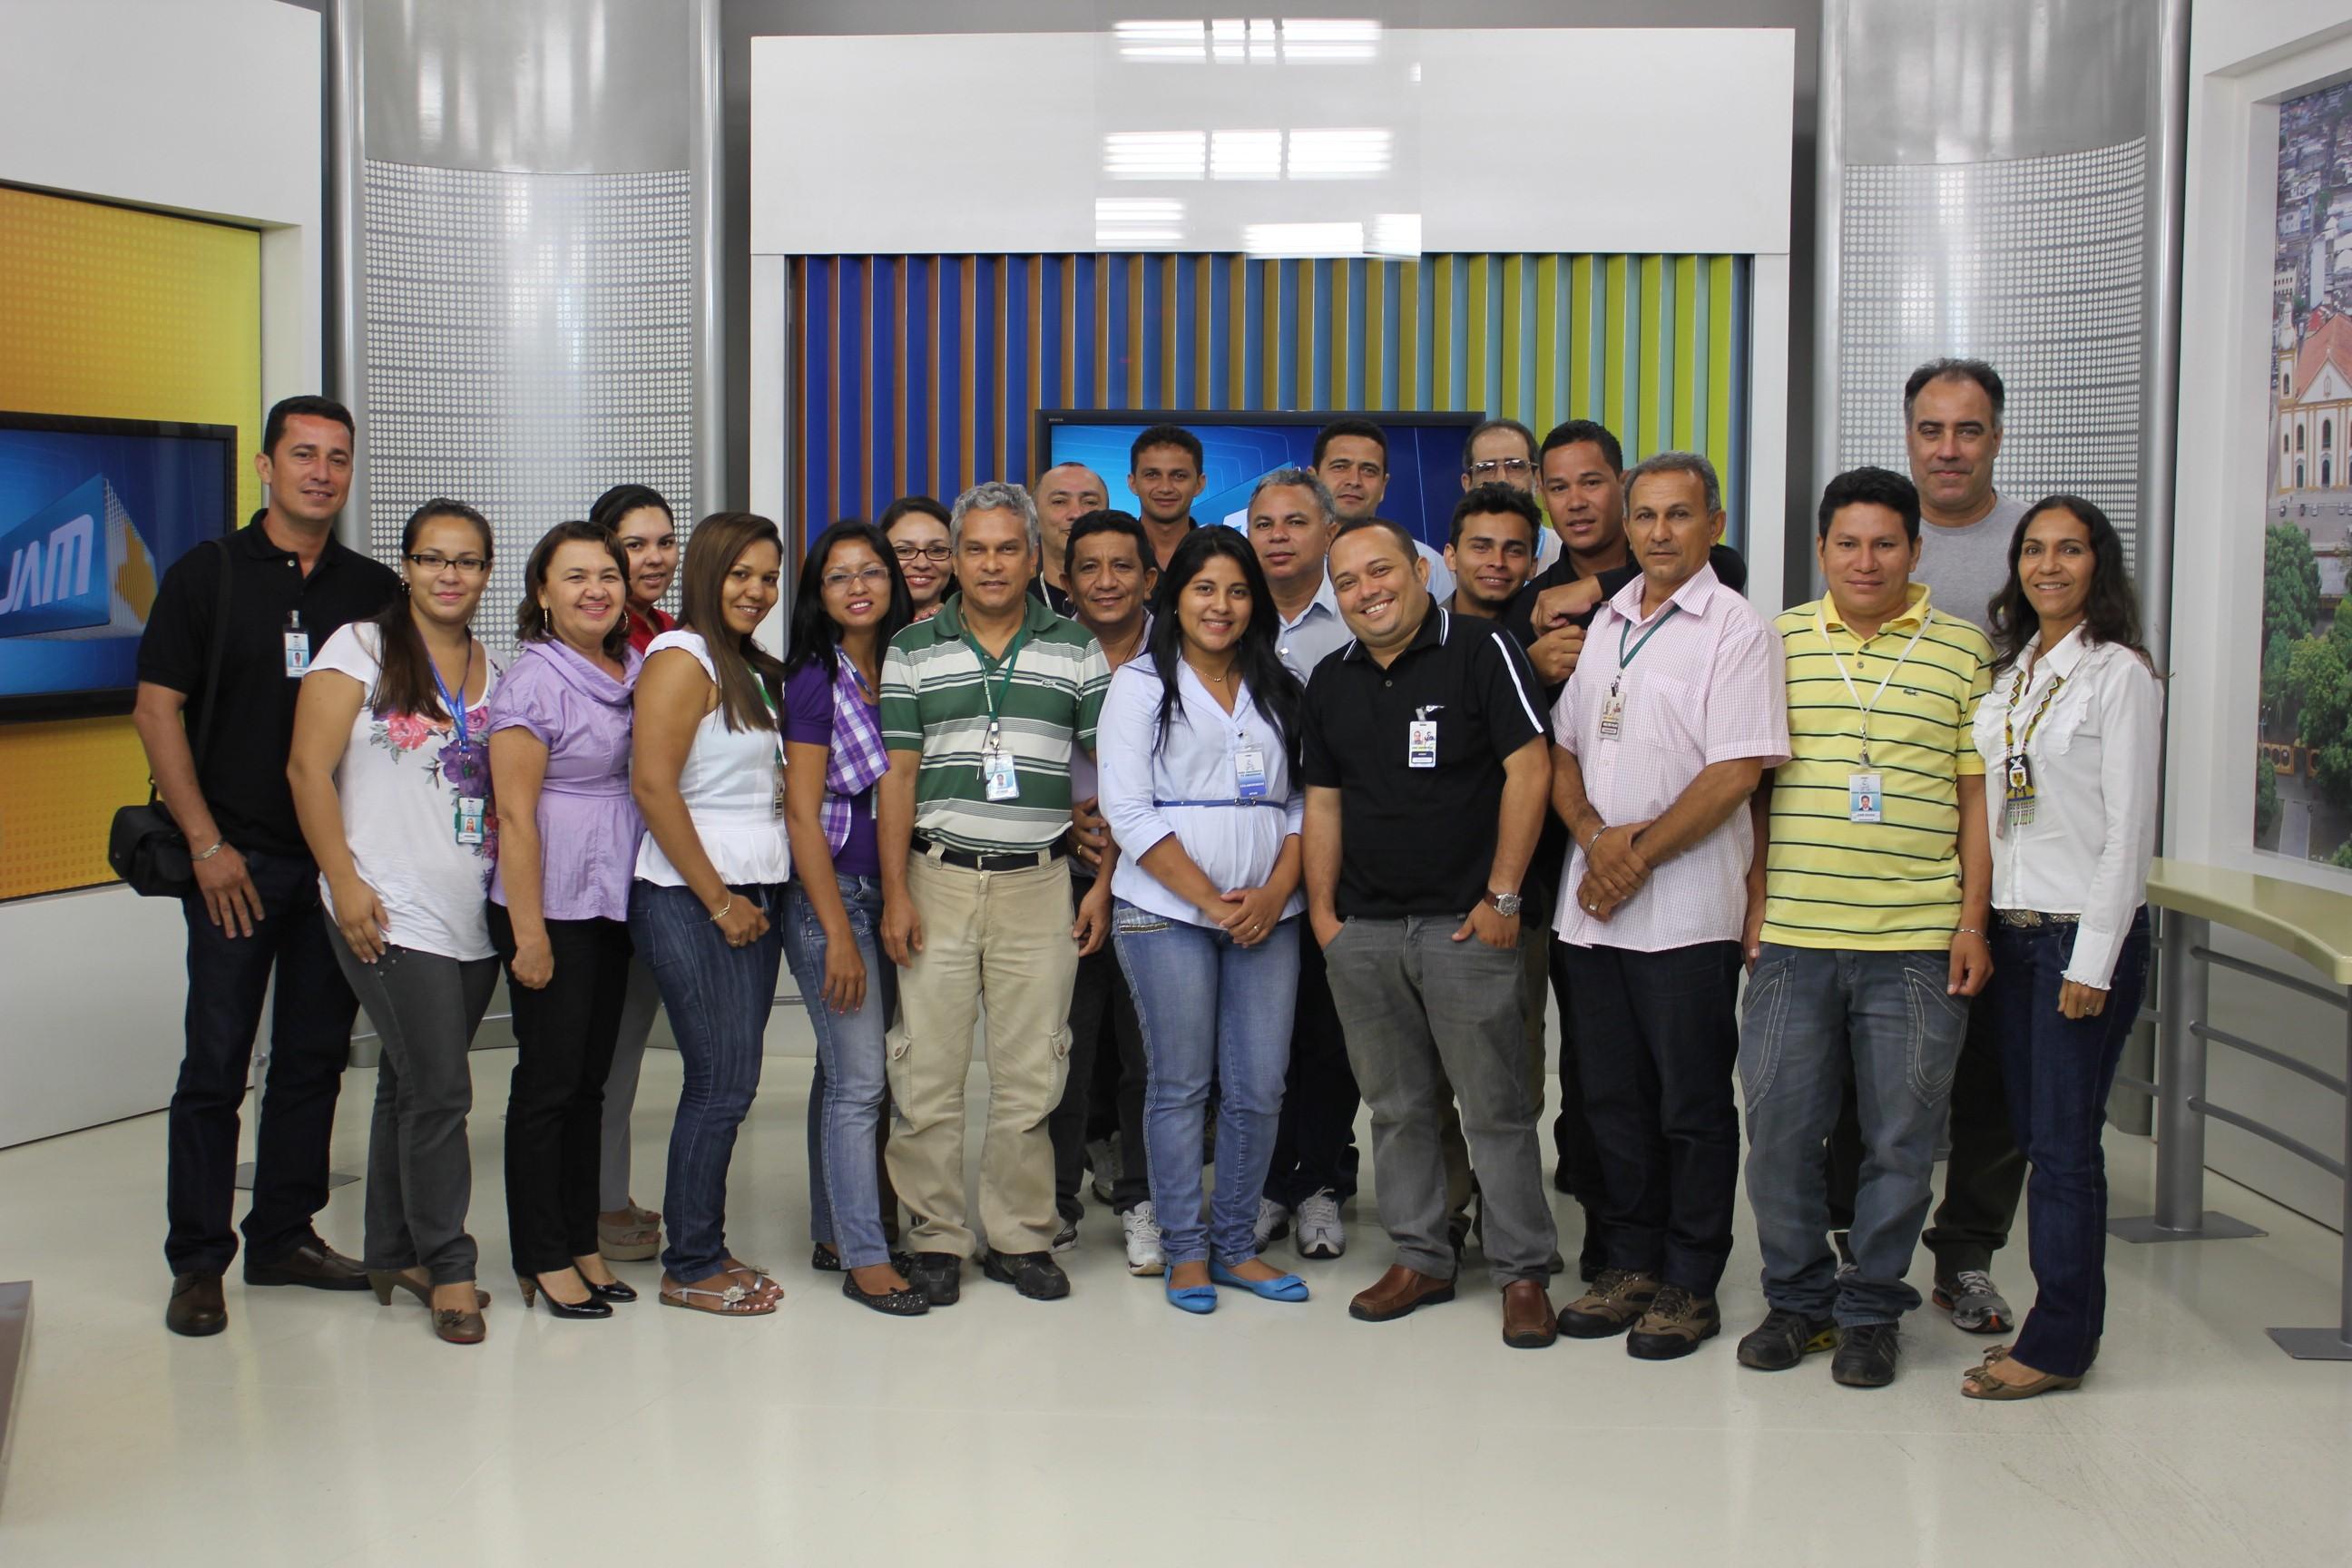 Correspondentes da TV Amazonas no interior participaram da reunião (Foto: Muniz Neto/ G1 AM)